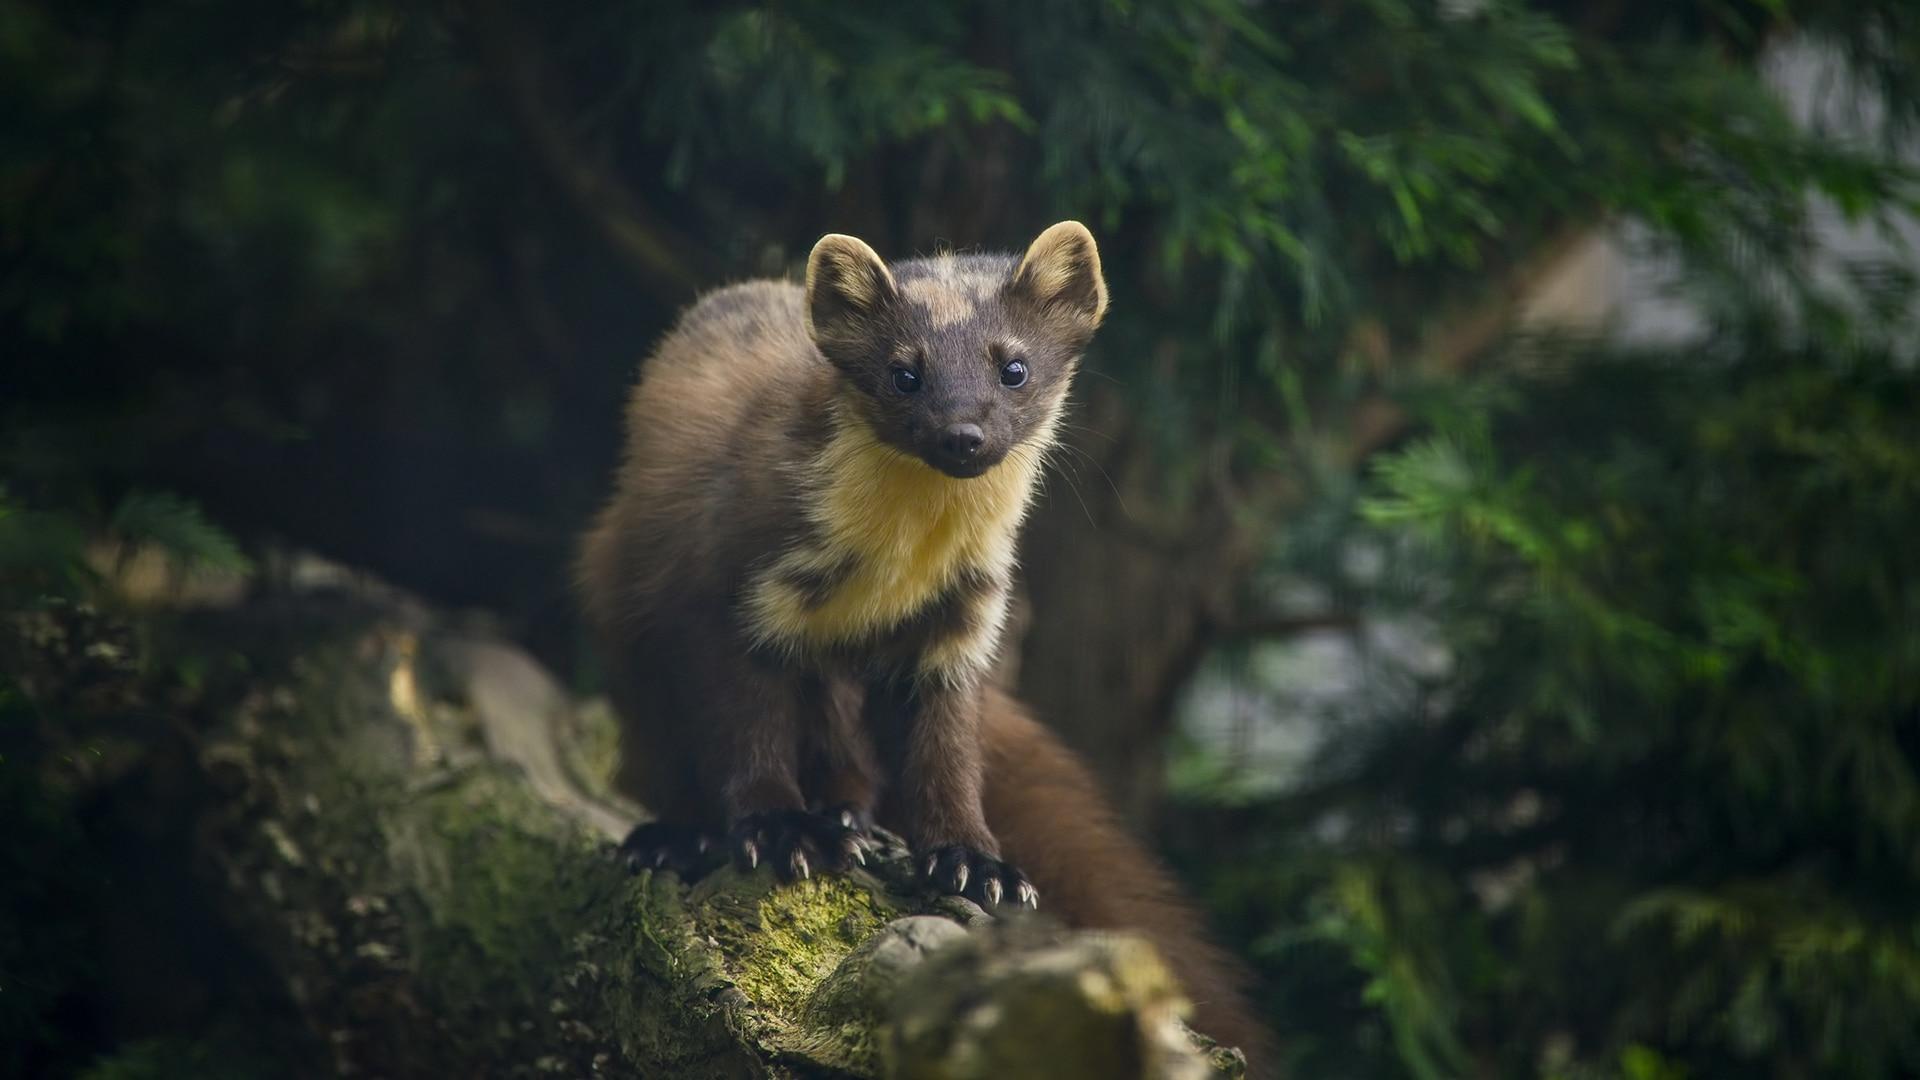 Você está interessado em estudar natureza e animais? Study M.Sc. Em Zoologia, com as melhores faculdades 3